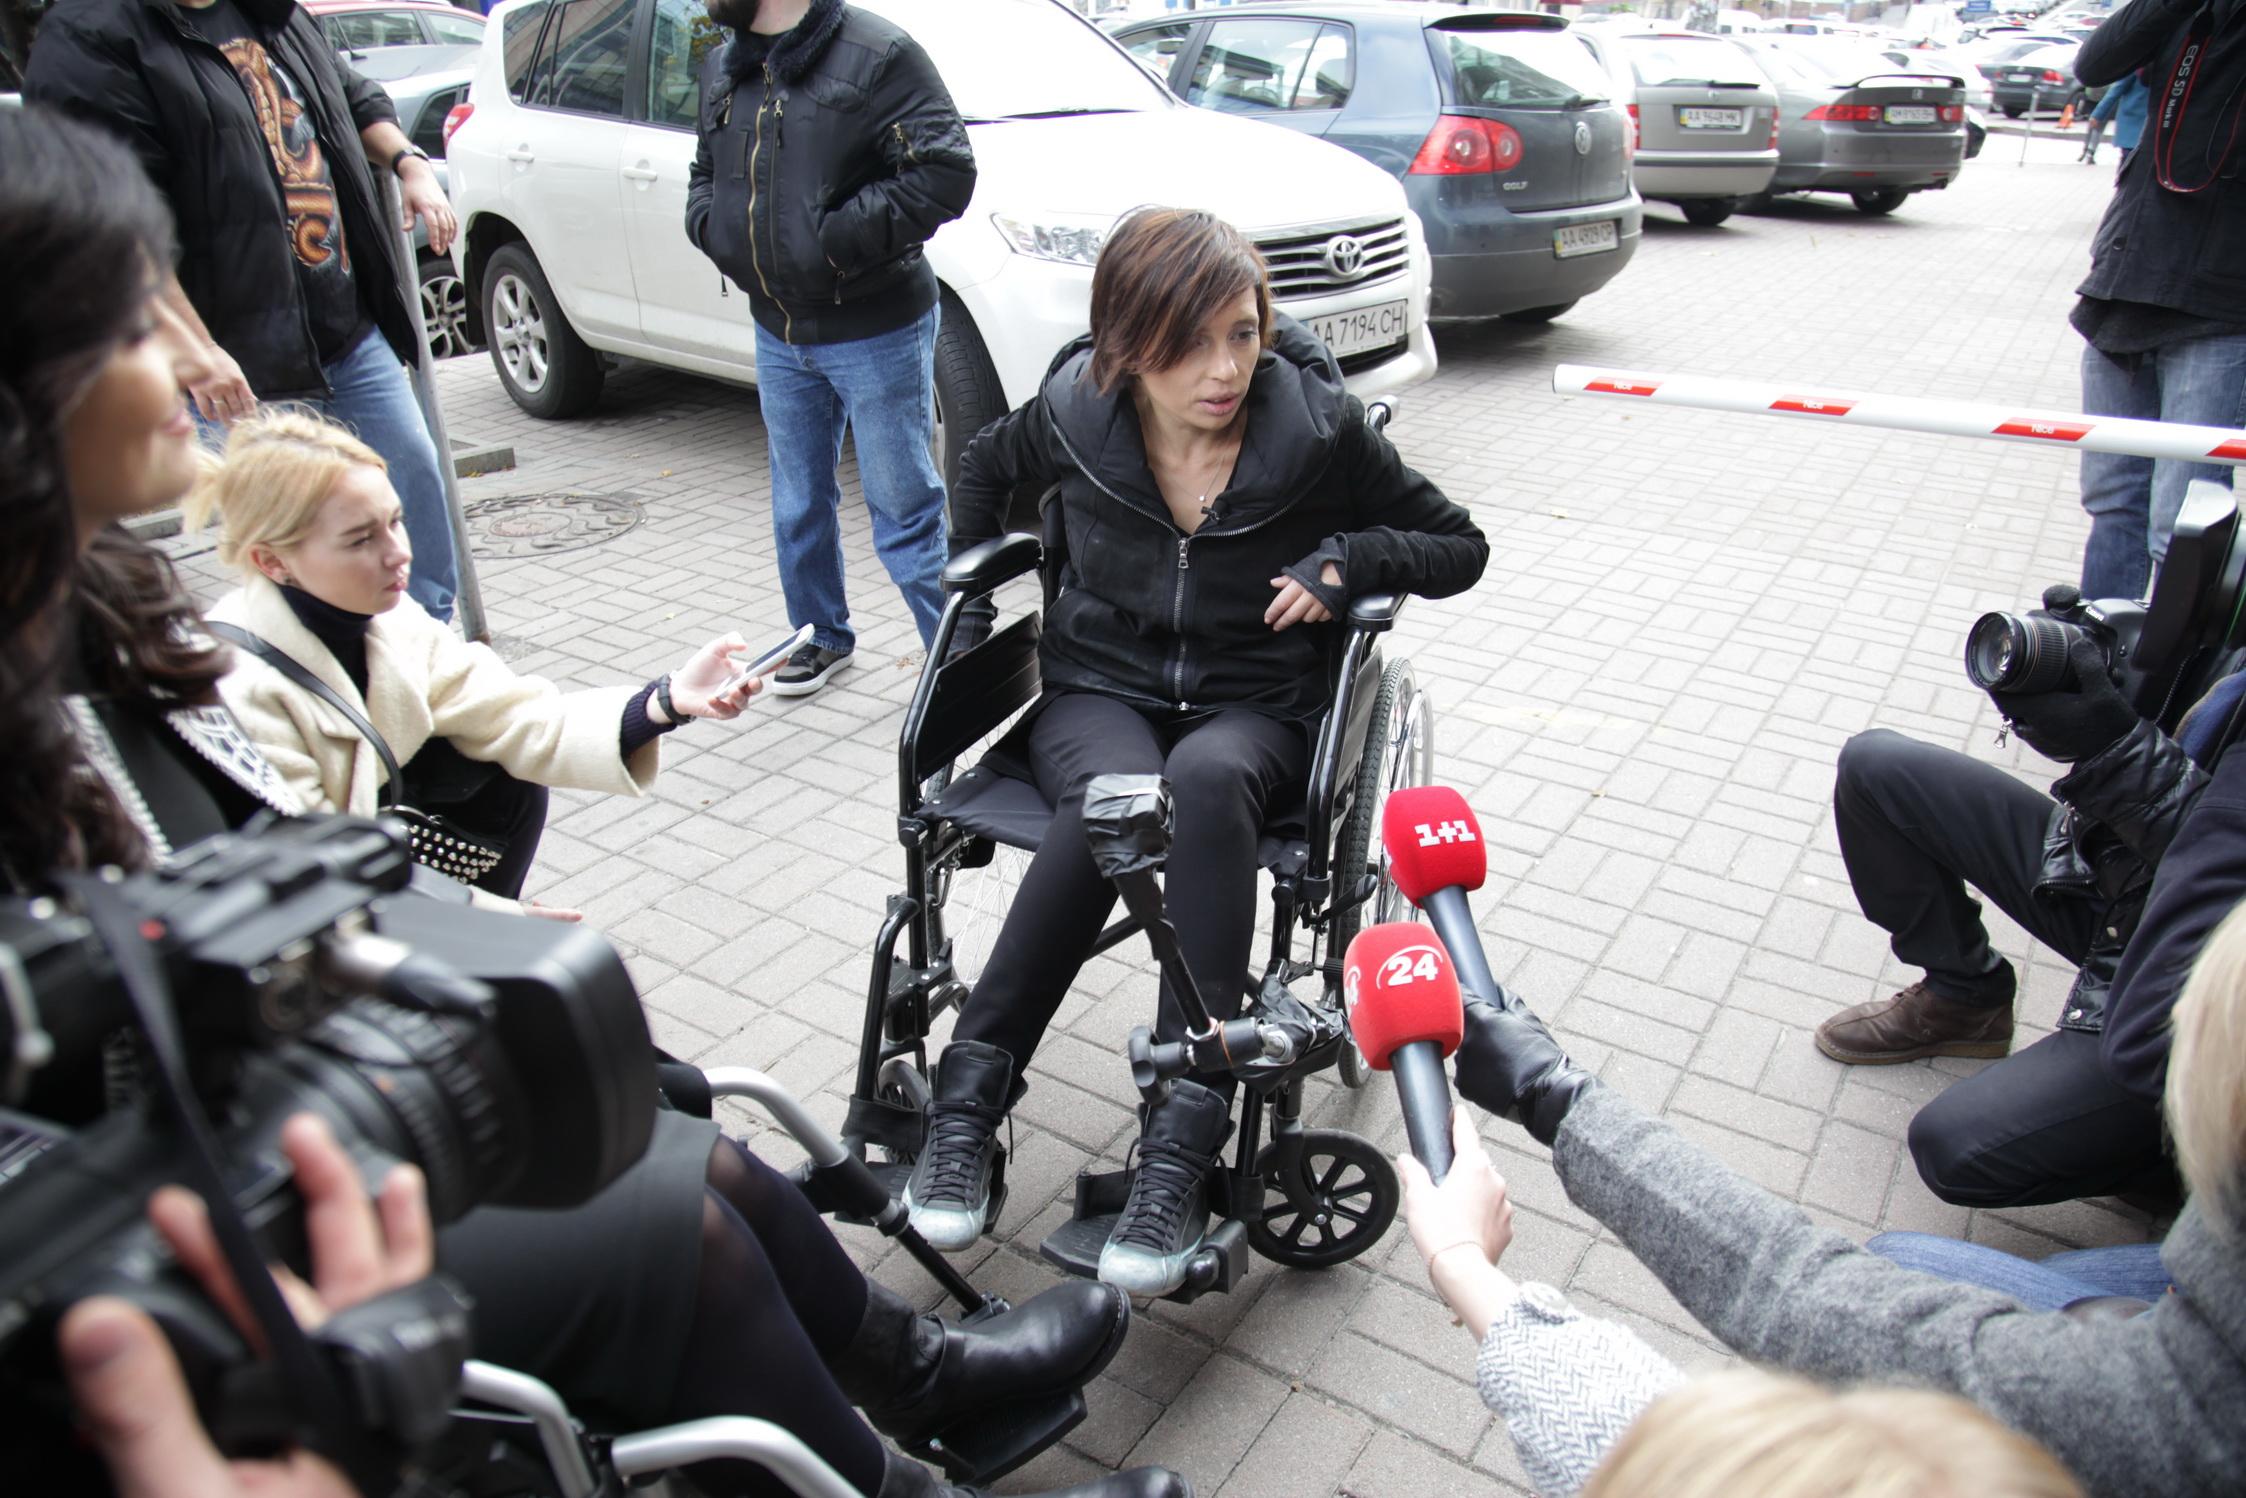 Соломия Витвицкая и Ирэна Карпа сели в инвалидные коляски и проехались по Киеву